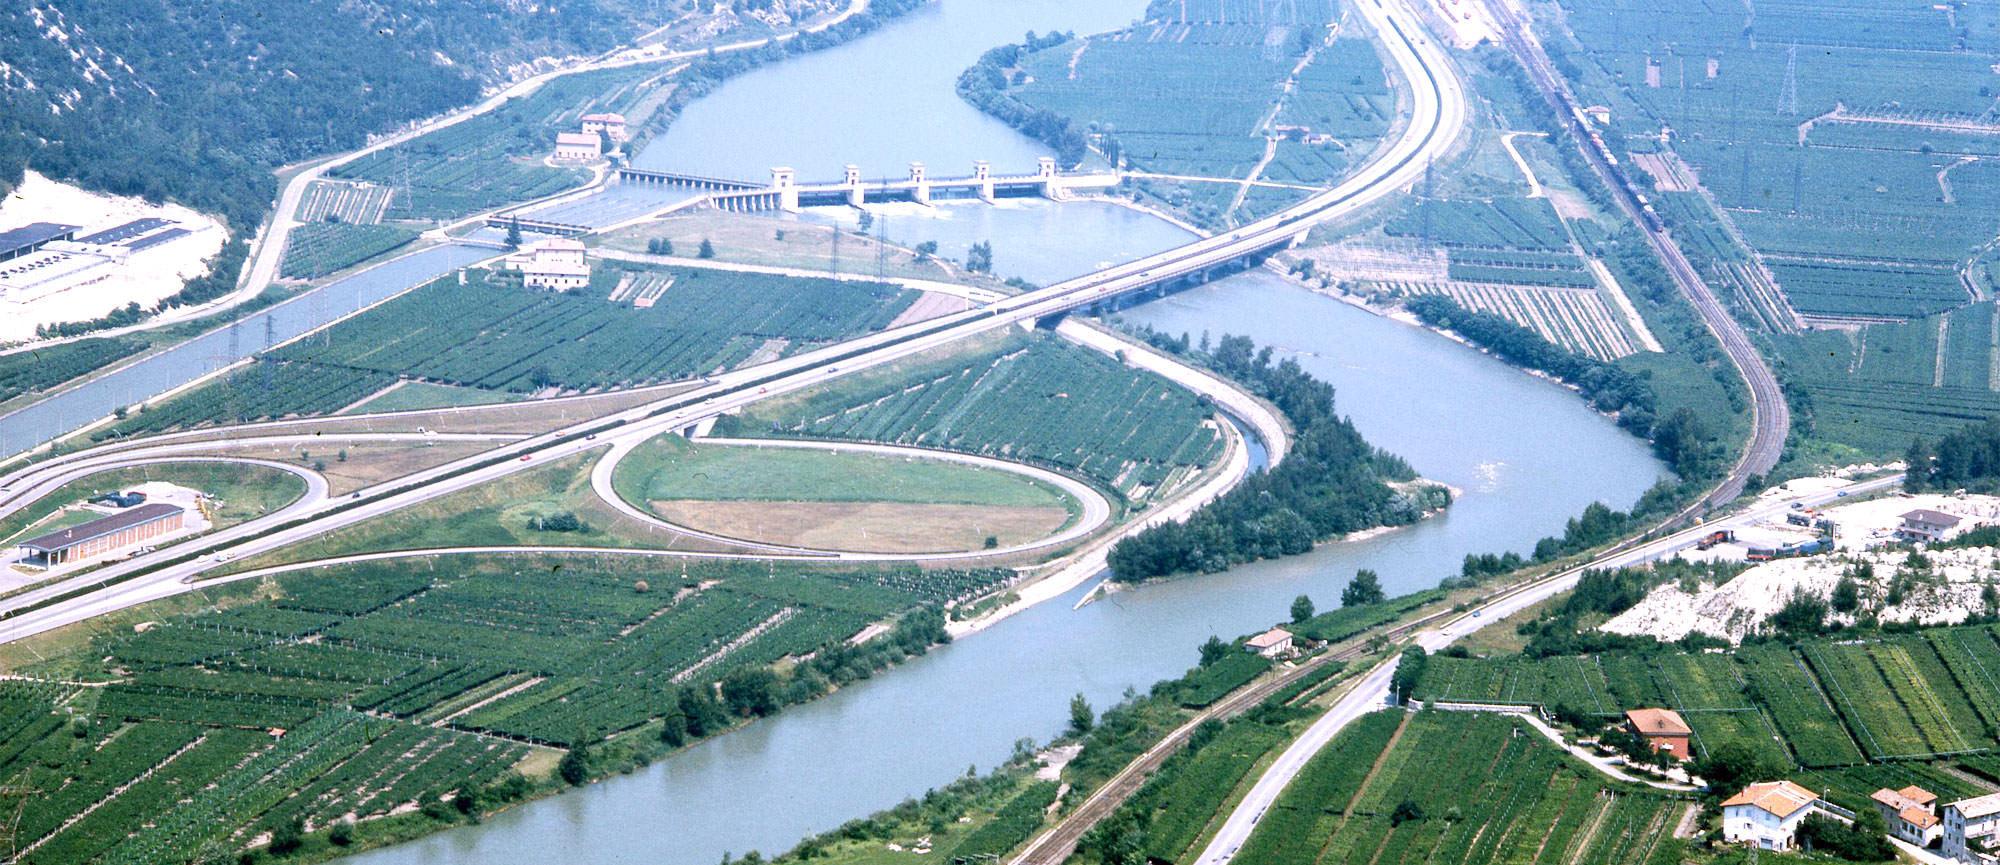 Autostrada del Brennero presso Ala - Vista aerea del ponte a struttura snella presso la chiusa sull'Adige, uno dei 14 ponti sul fiume tra Bolzano e Trento.